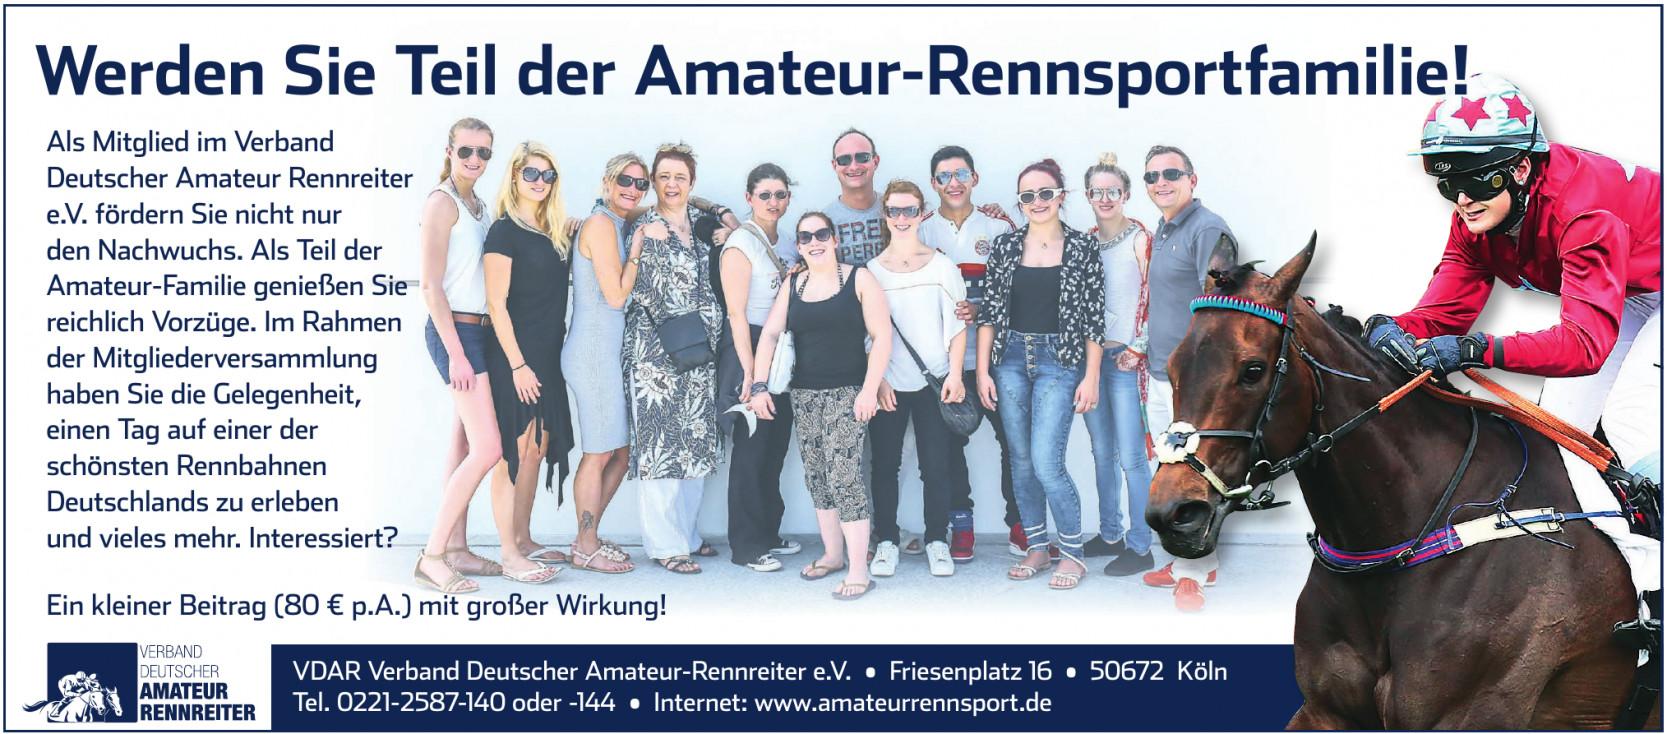 VDAR Verband Deutscher Amateur-Rennreiter e.V.